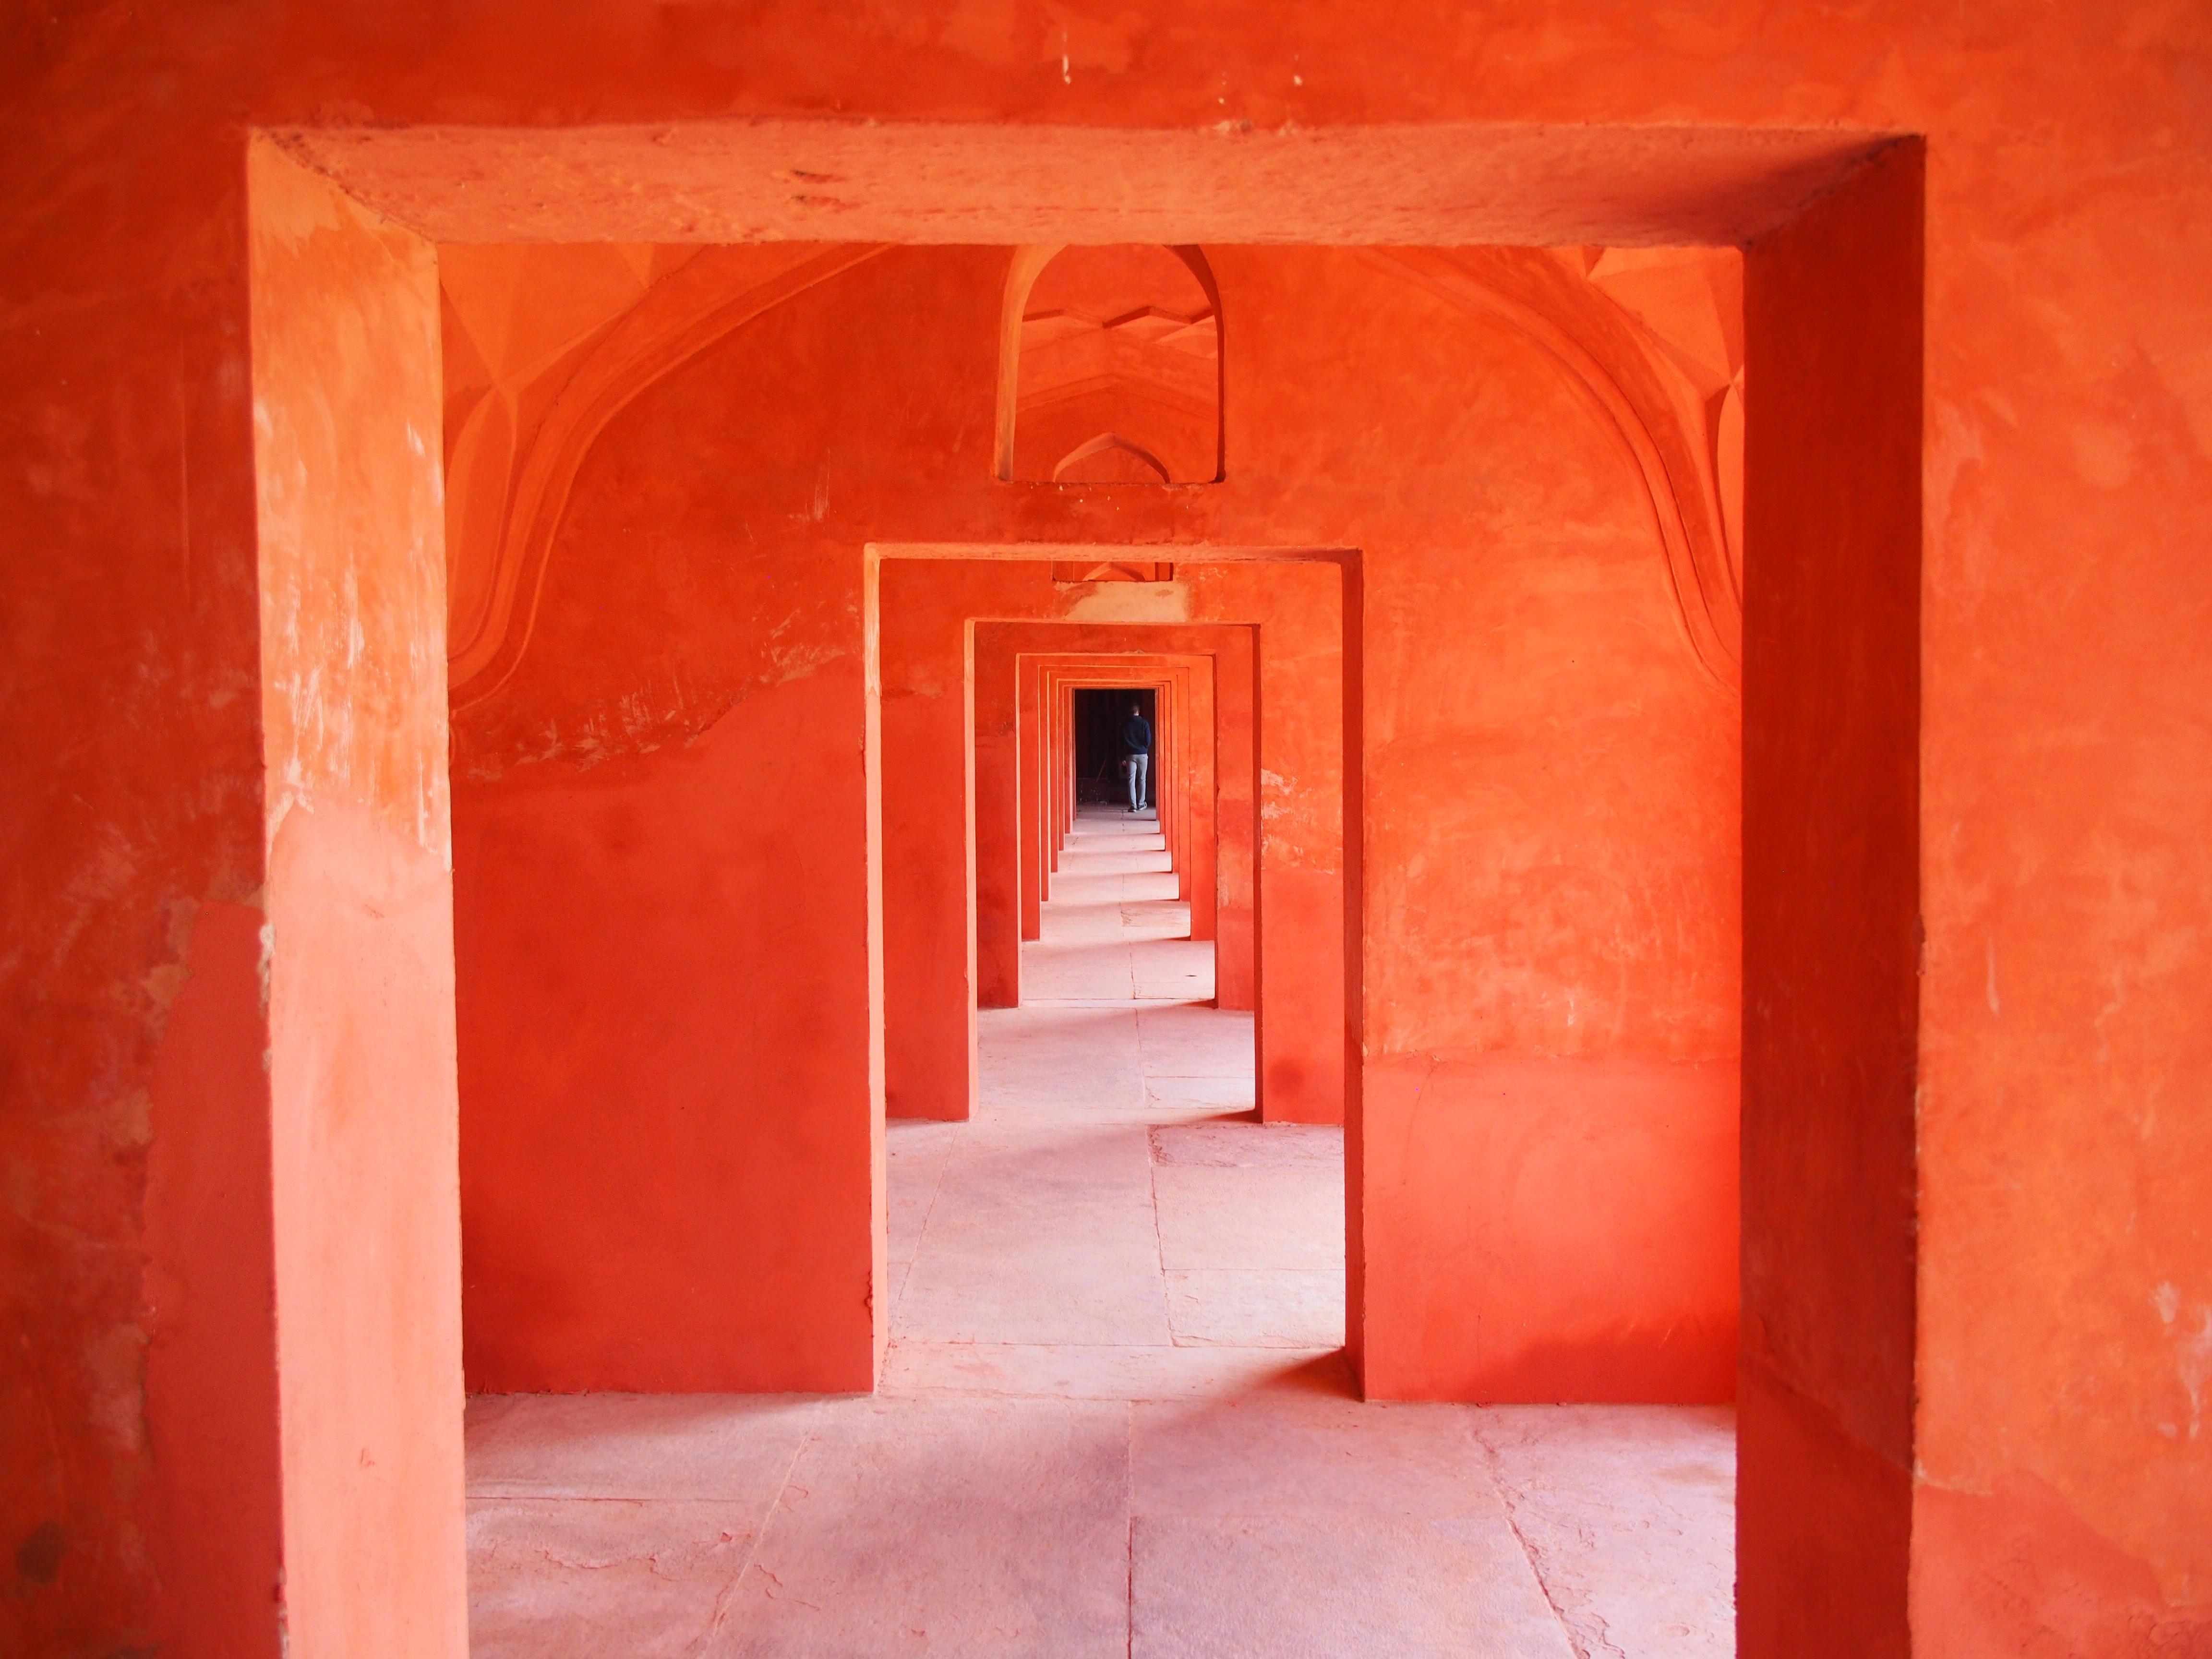 Taj Mahal courtyard hallway